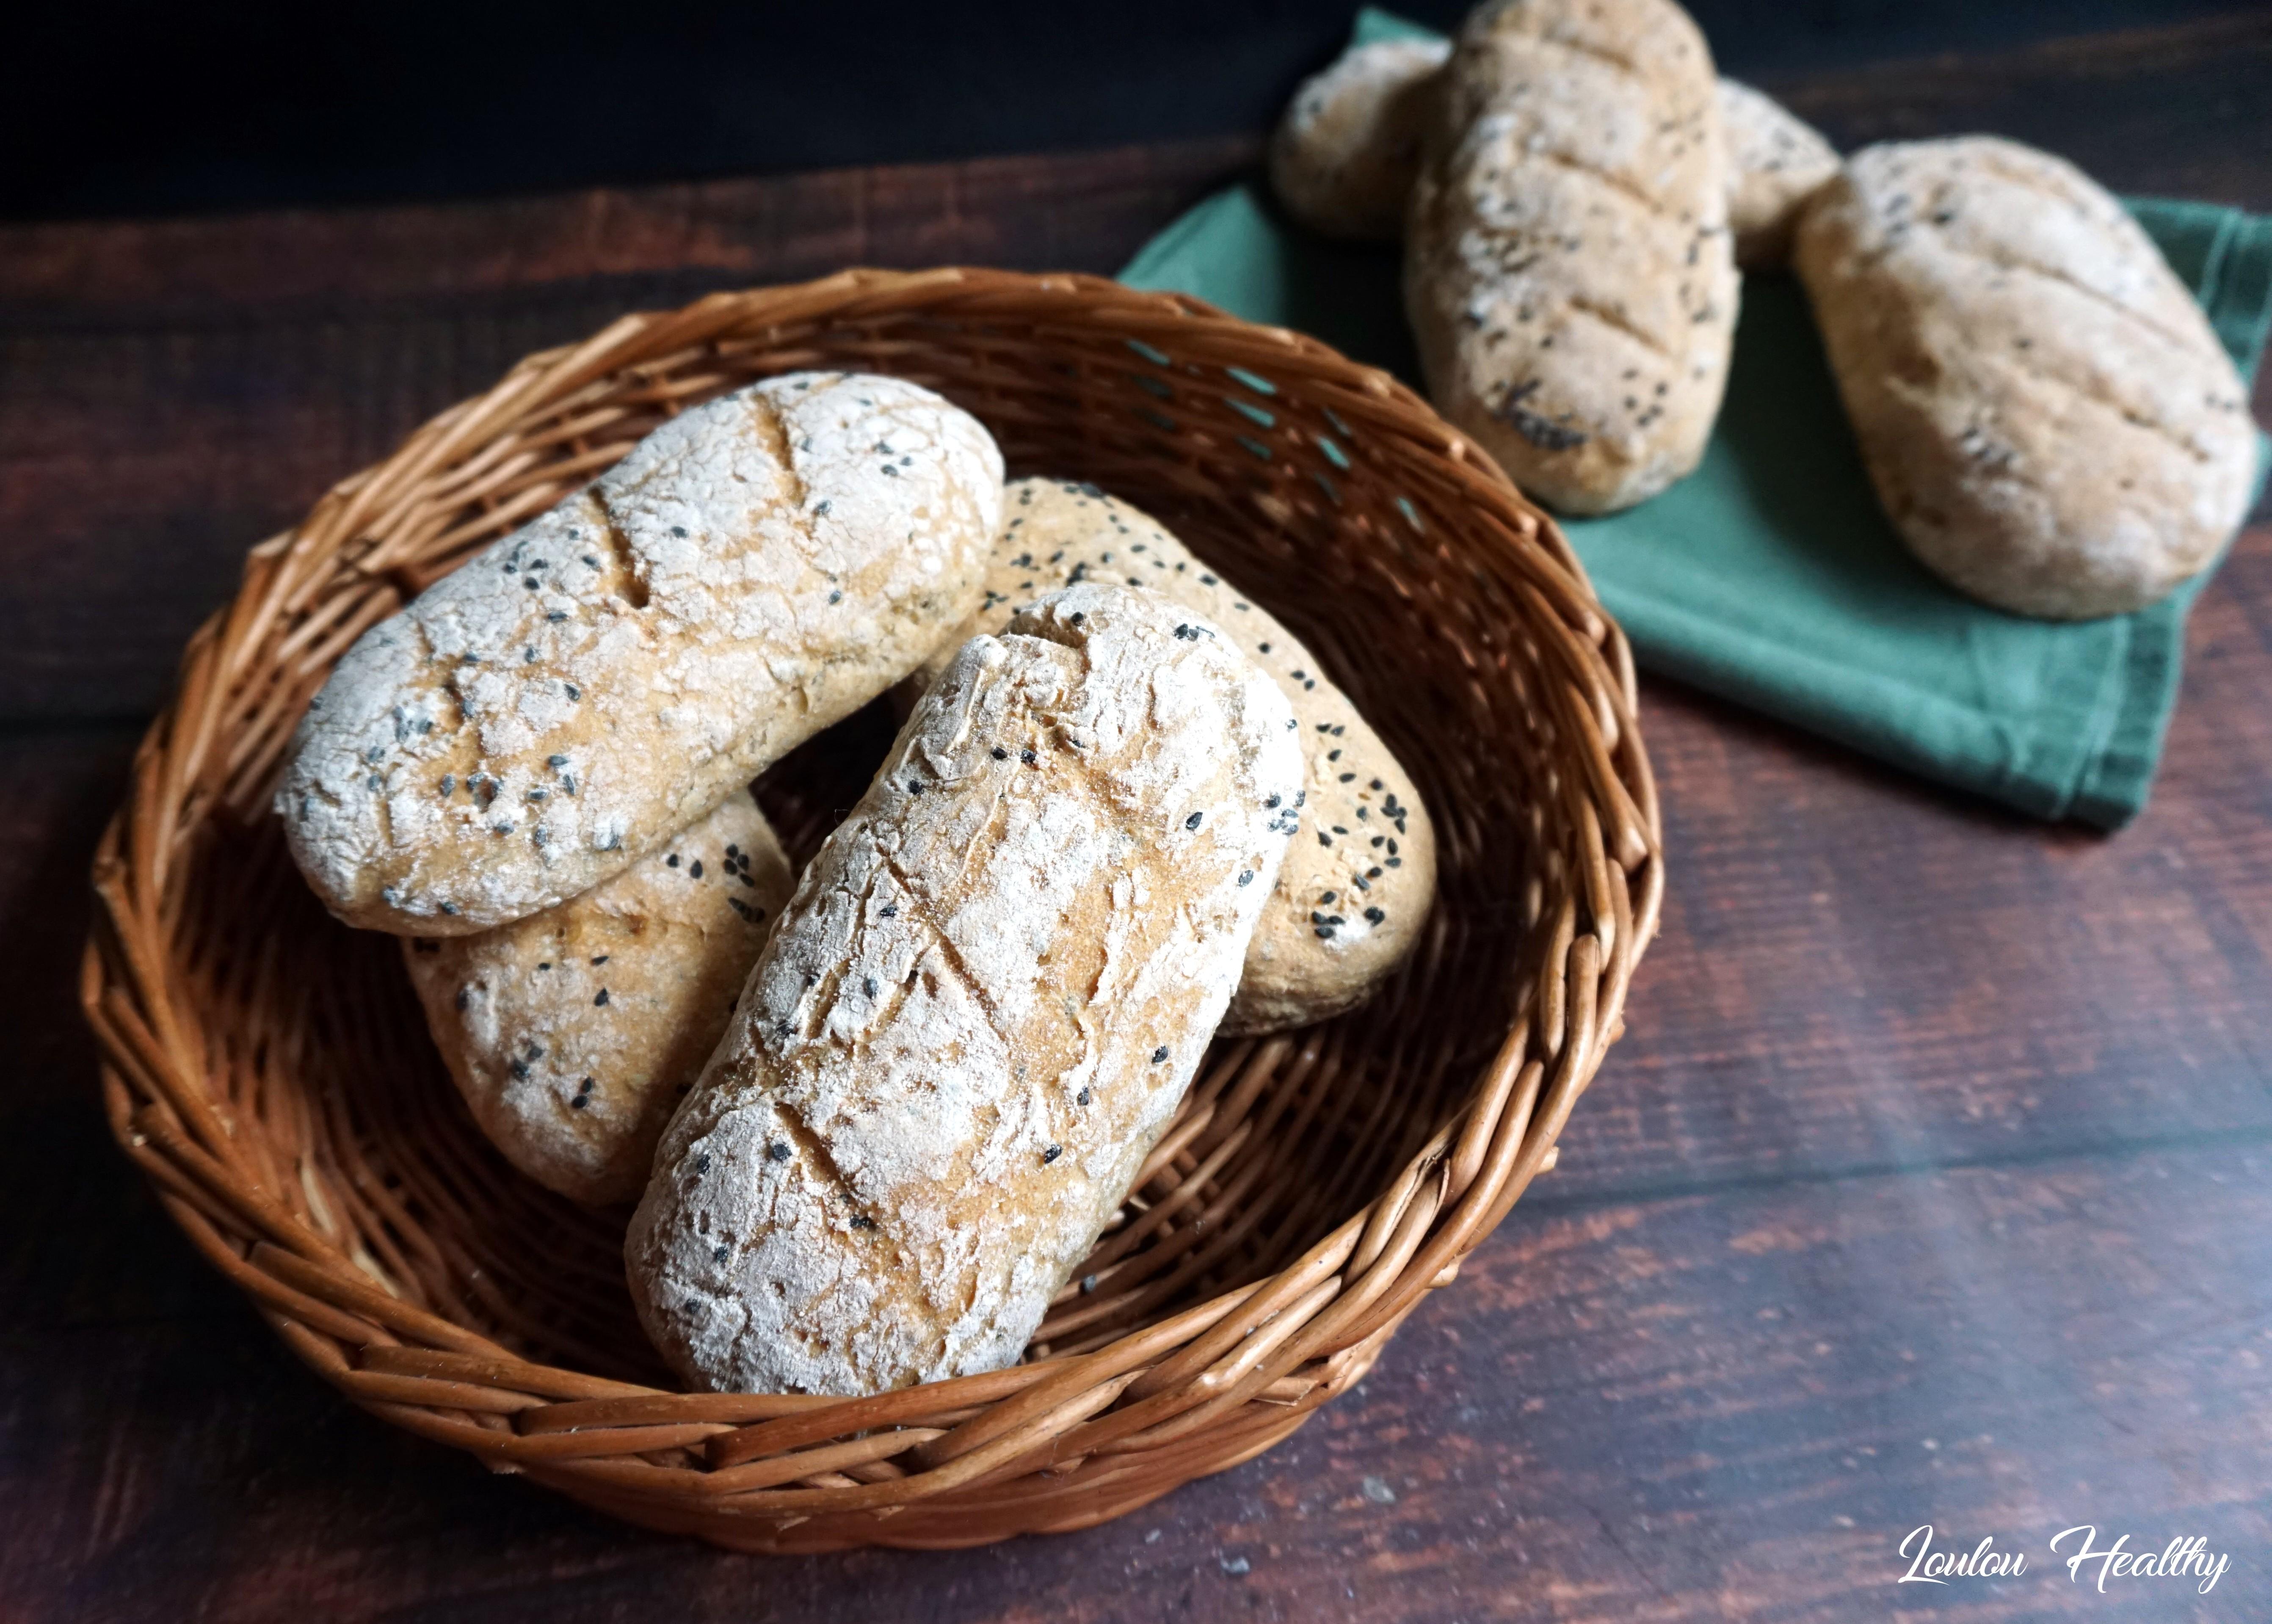 pains blés anciens, seigle et graines de nigelle2